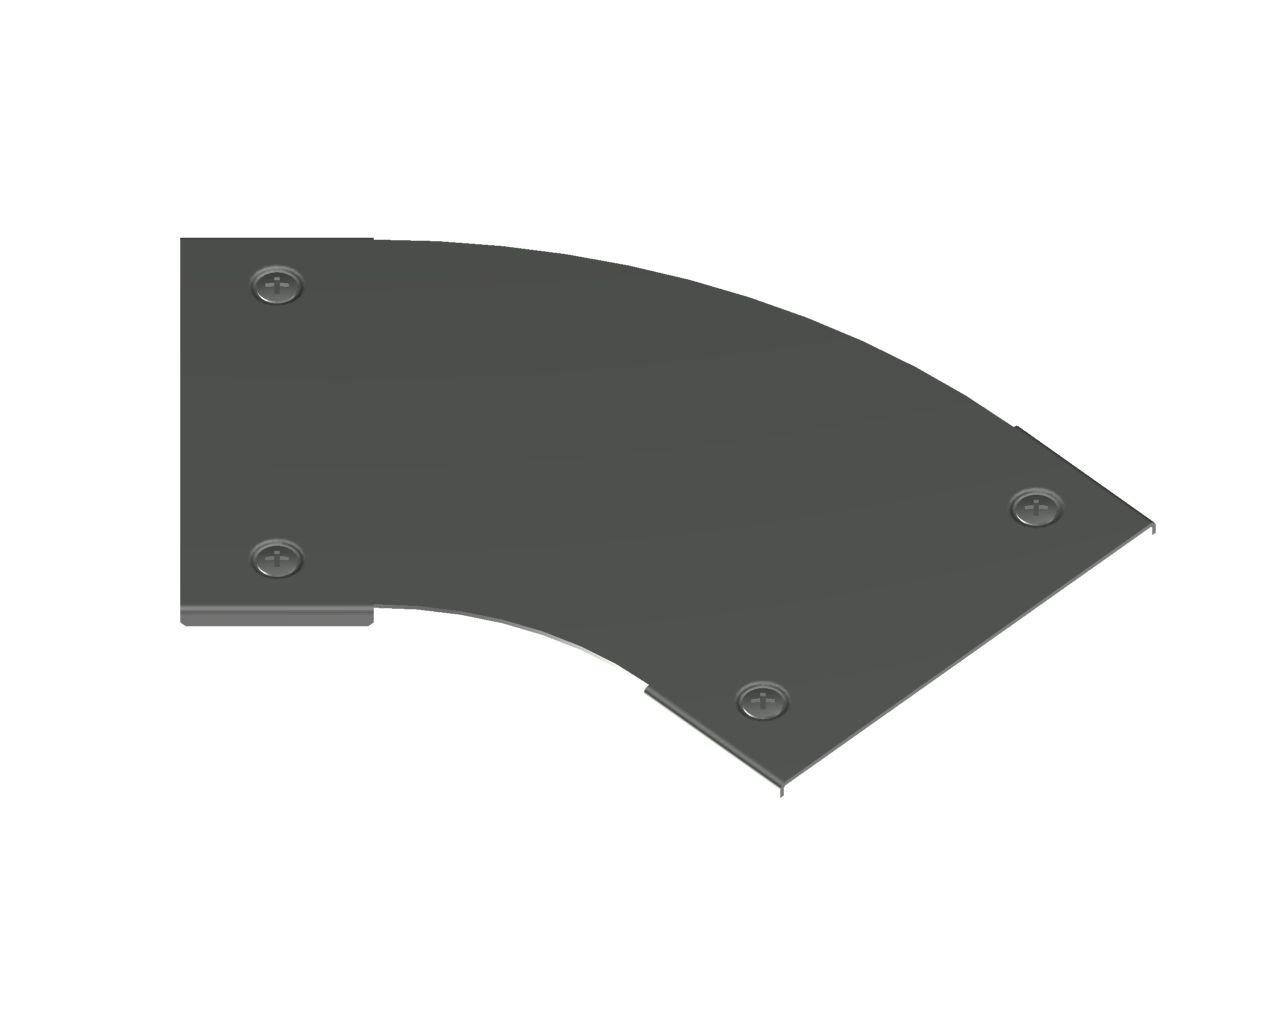 Pokrywa kolanka 45° z zamkiem PKKCZM45